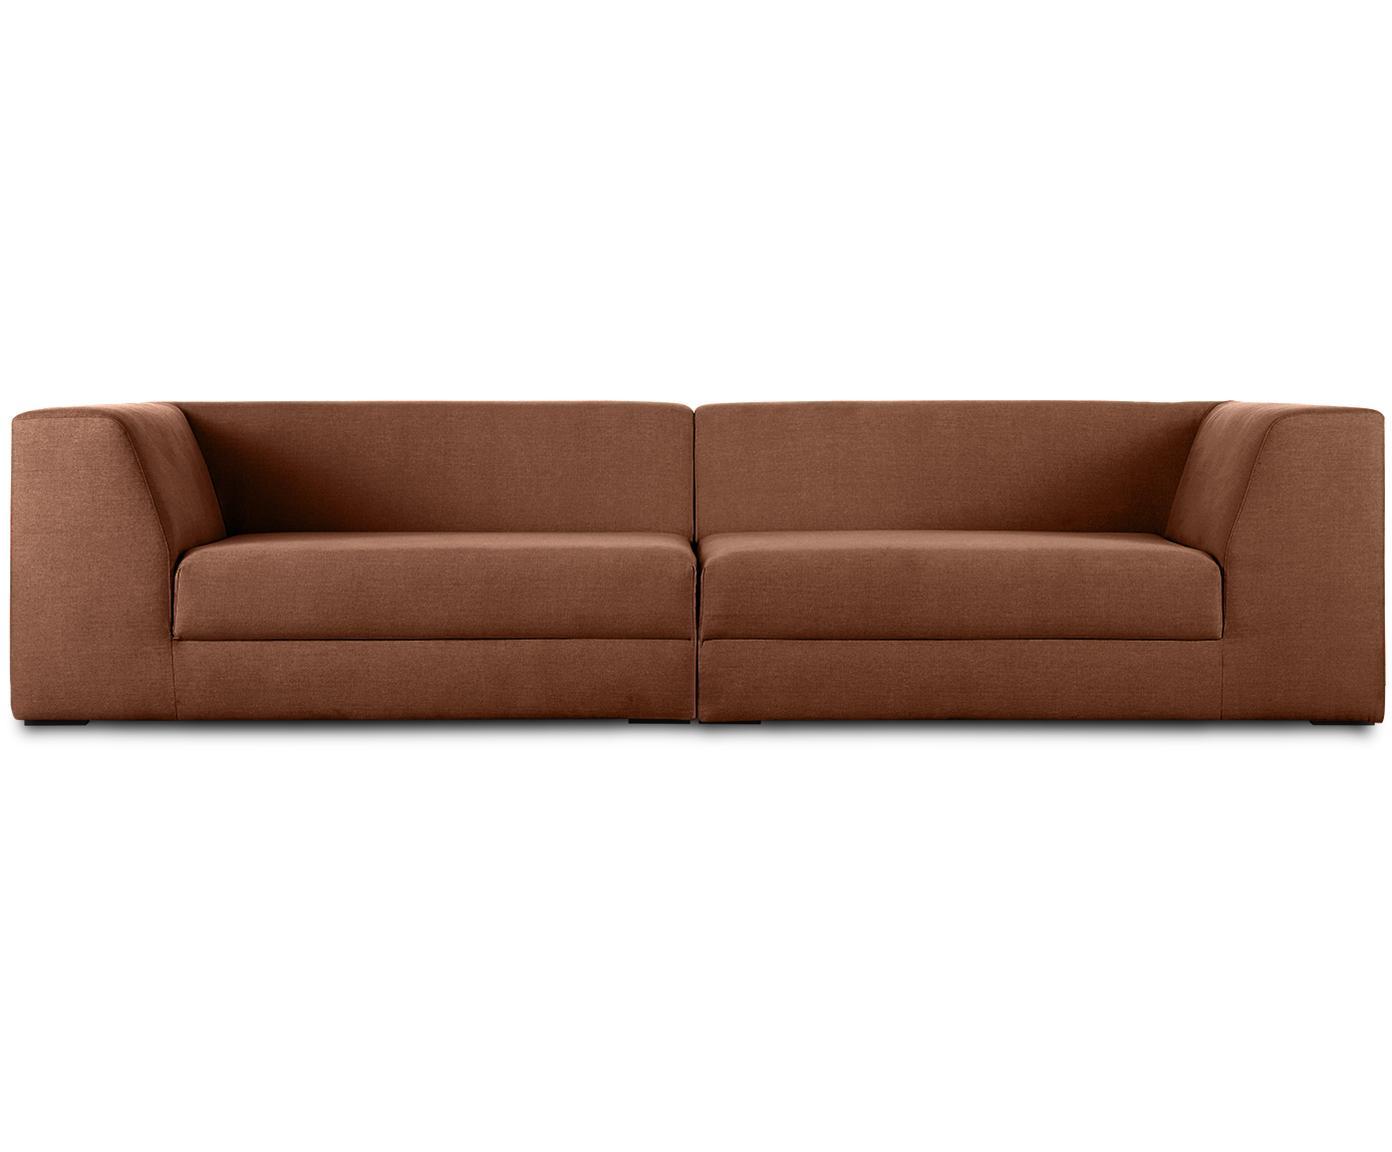 Sofa modułowa Grant (3-osobowa), Tapicerka: bawełna 20 000 cykli w te, Stelaż: drewno świerkowe, Nogi: lite drewno bukowe, lakie, Brązowy, S 266 x G 106 cm